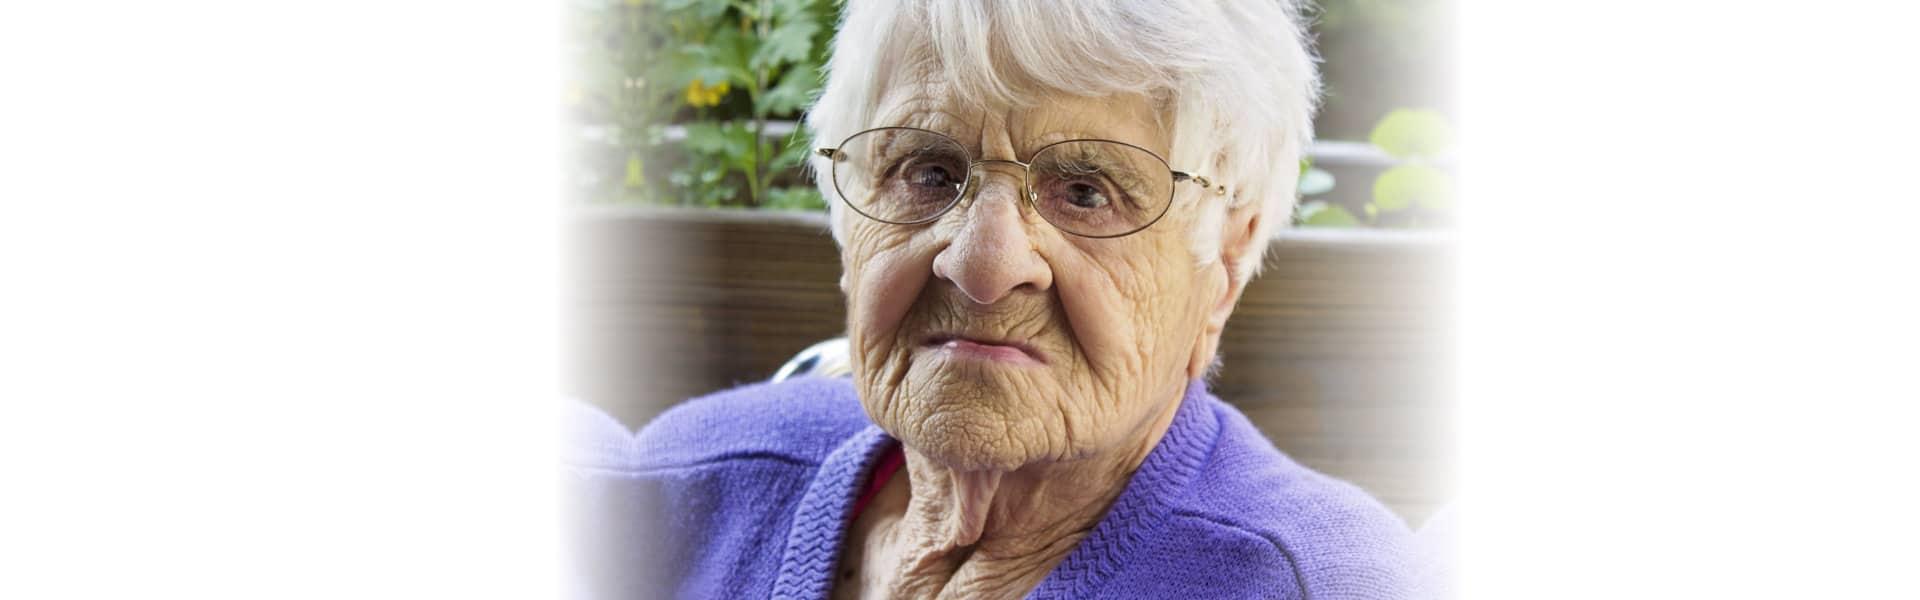 Groton Nursing Home New York